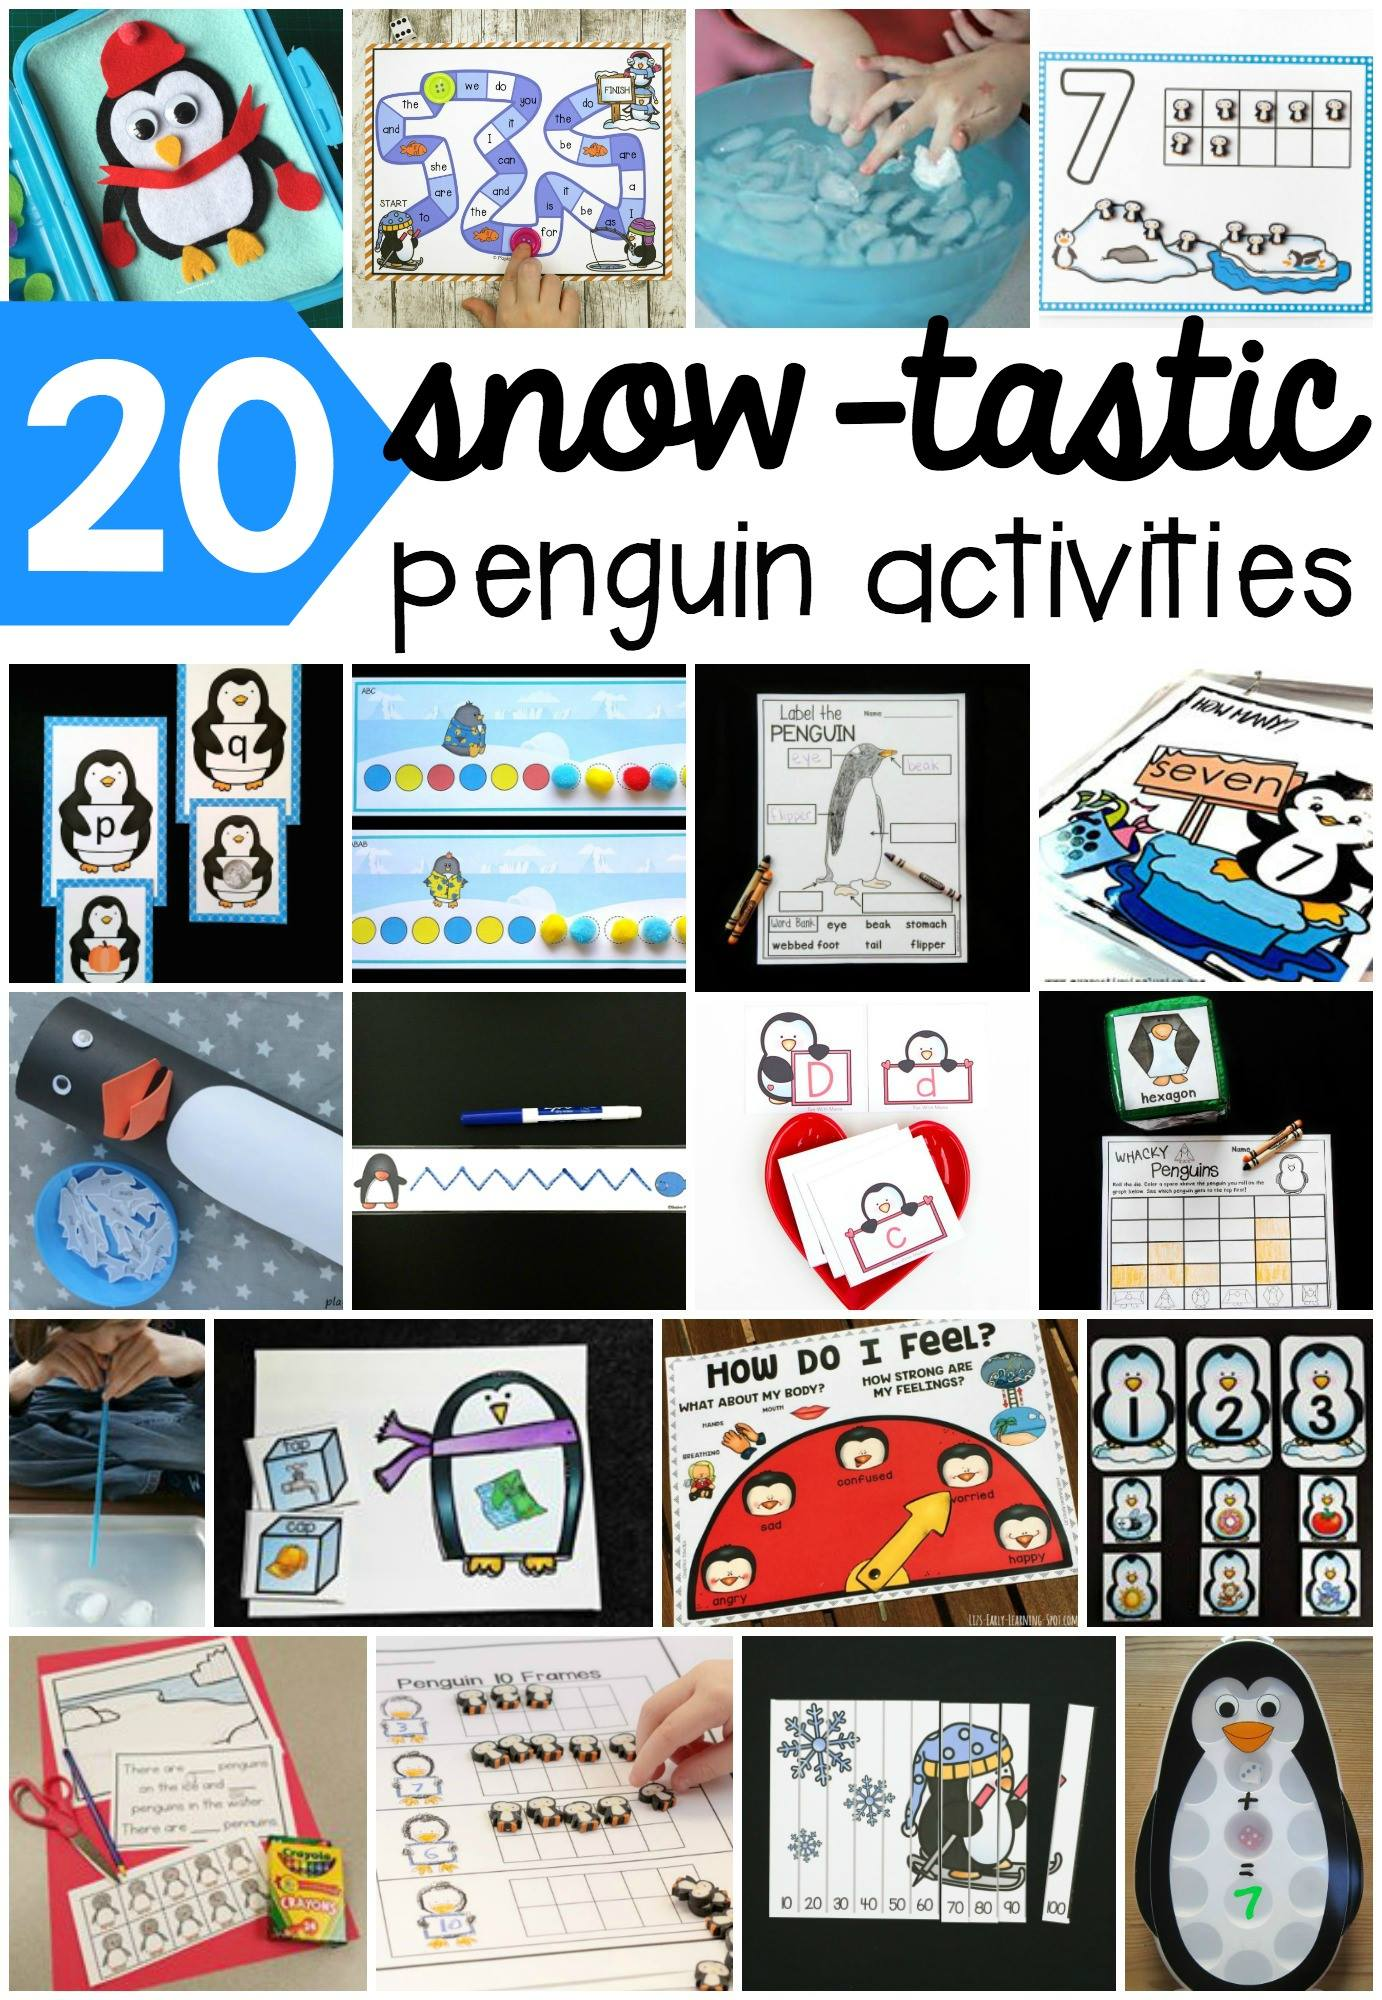 20 super fun penguin activities for kids!